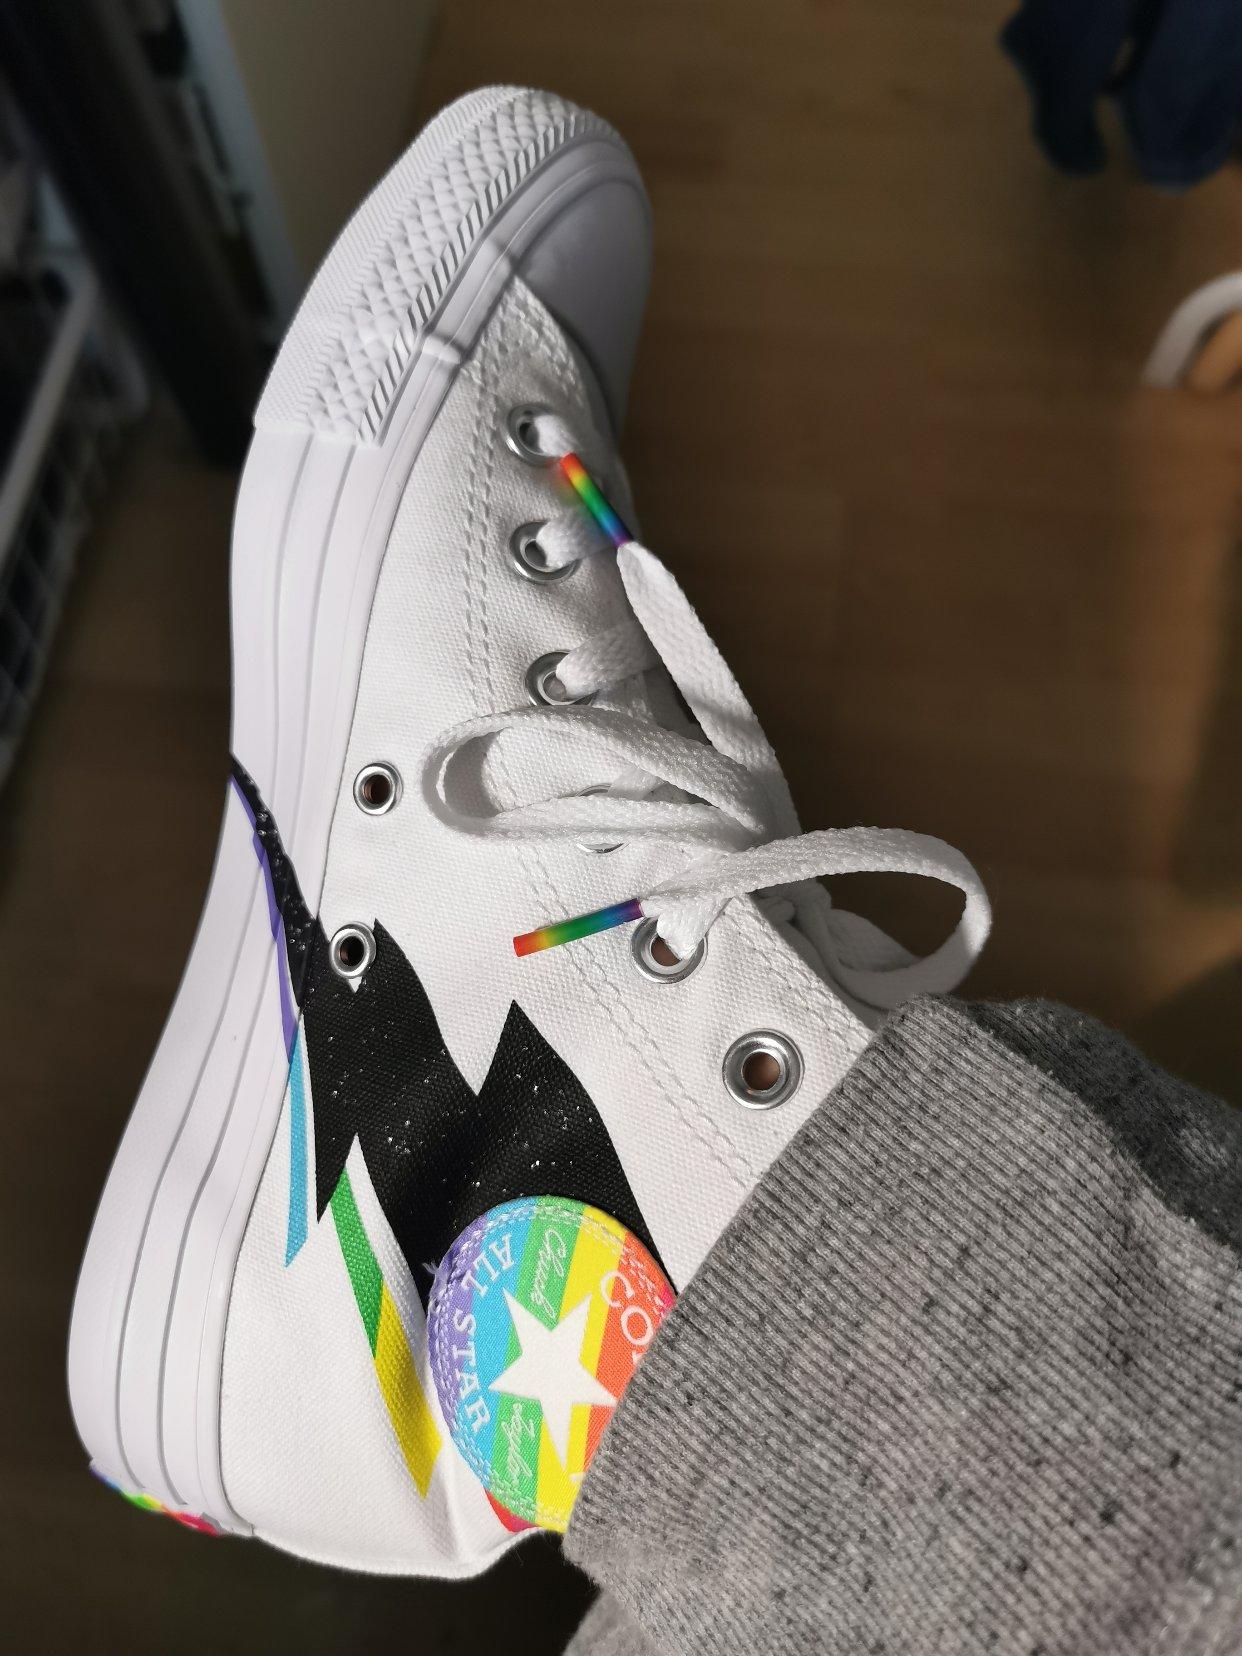 好好看啊!Converse 🌈彩虹鞋